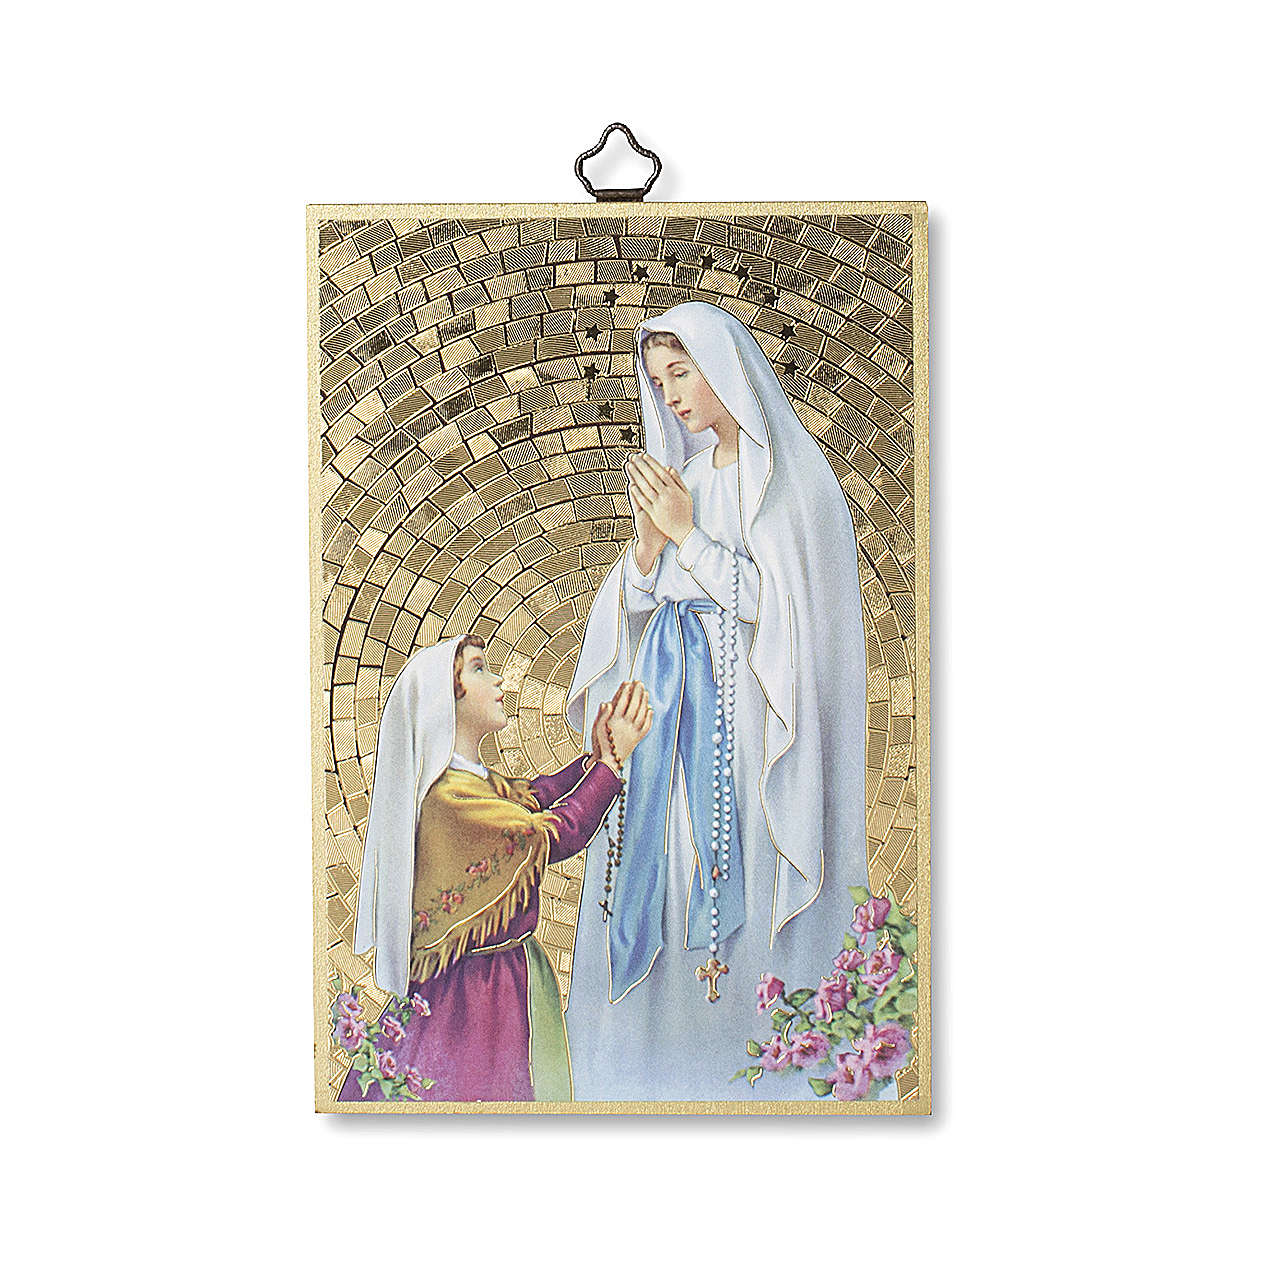 Stampa su legno Apparizione di Lourdes con Bernadette Novena Lourdes ITA 3